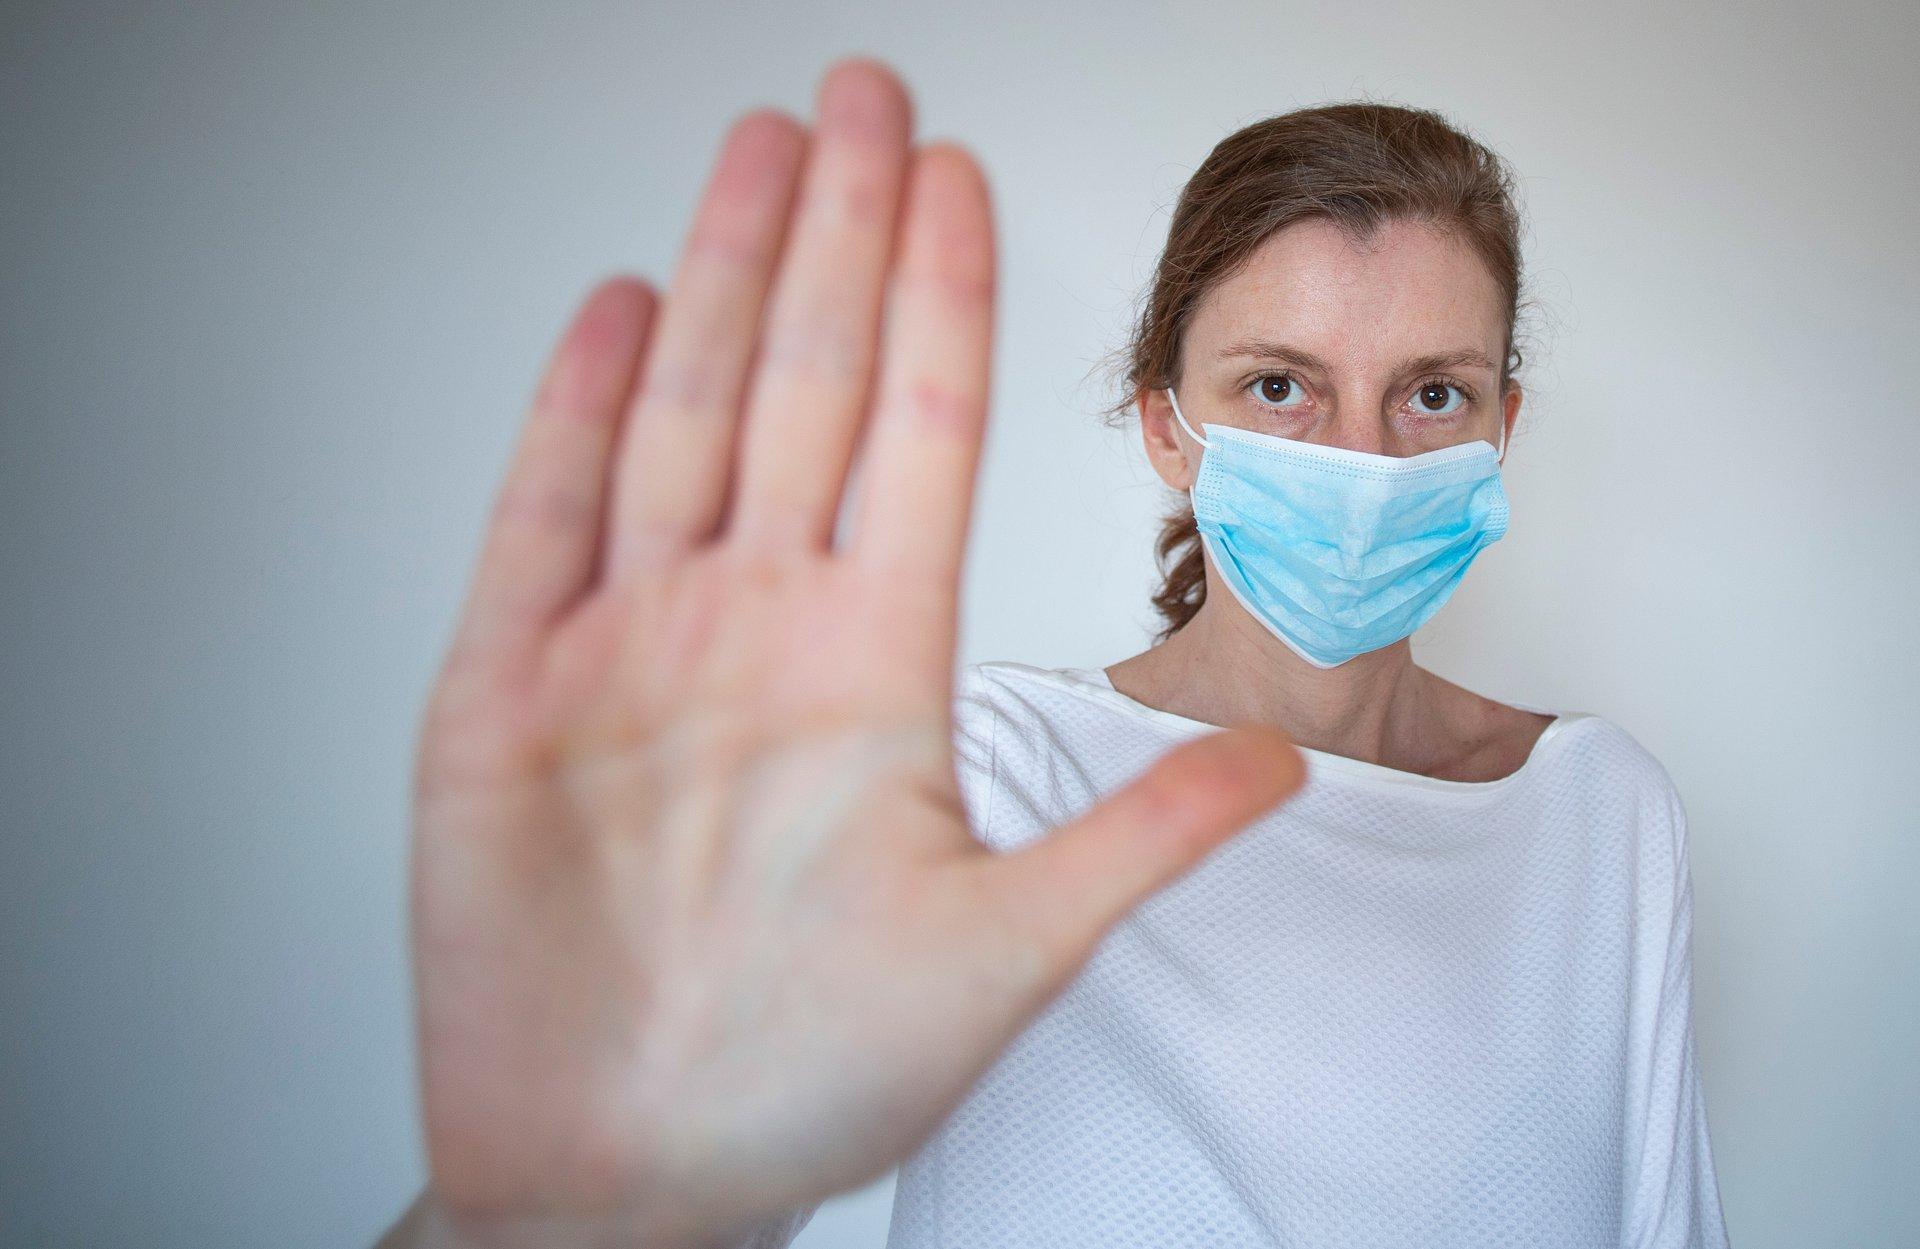 Kto się boi koronawirusa? Wyniki badania CBOS